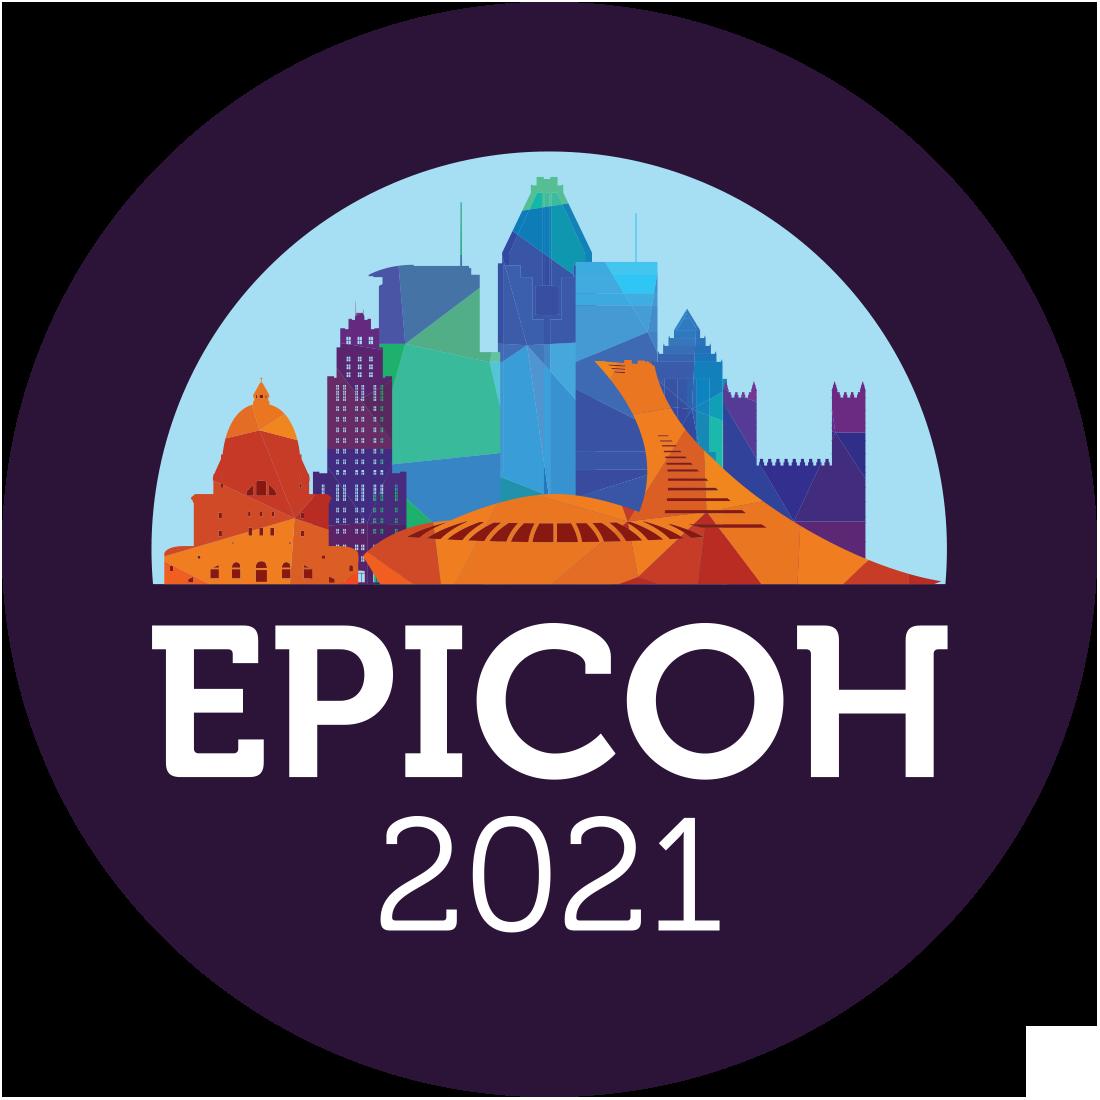 EPICOH 2021 Logo